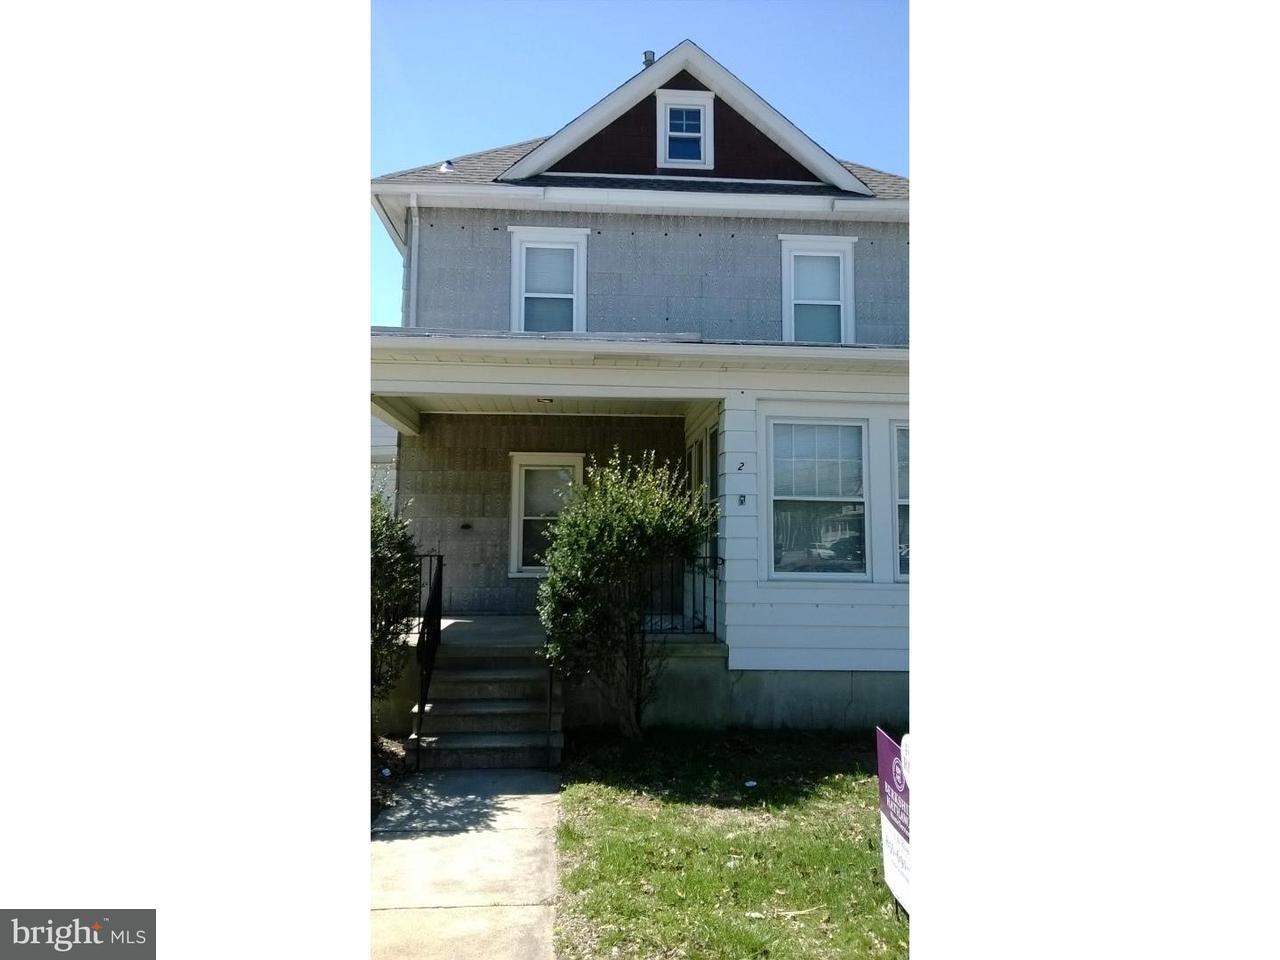 Casa Unifamiliar por un Alquiler en 2 SIMPSON Avenue Pitman, Nueva Jersey 08071 Estados Unidos